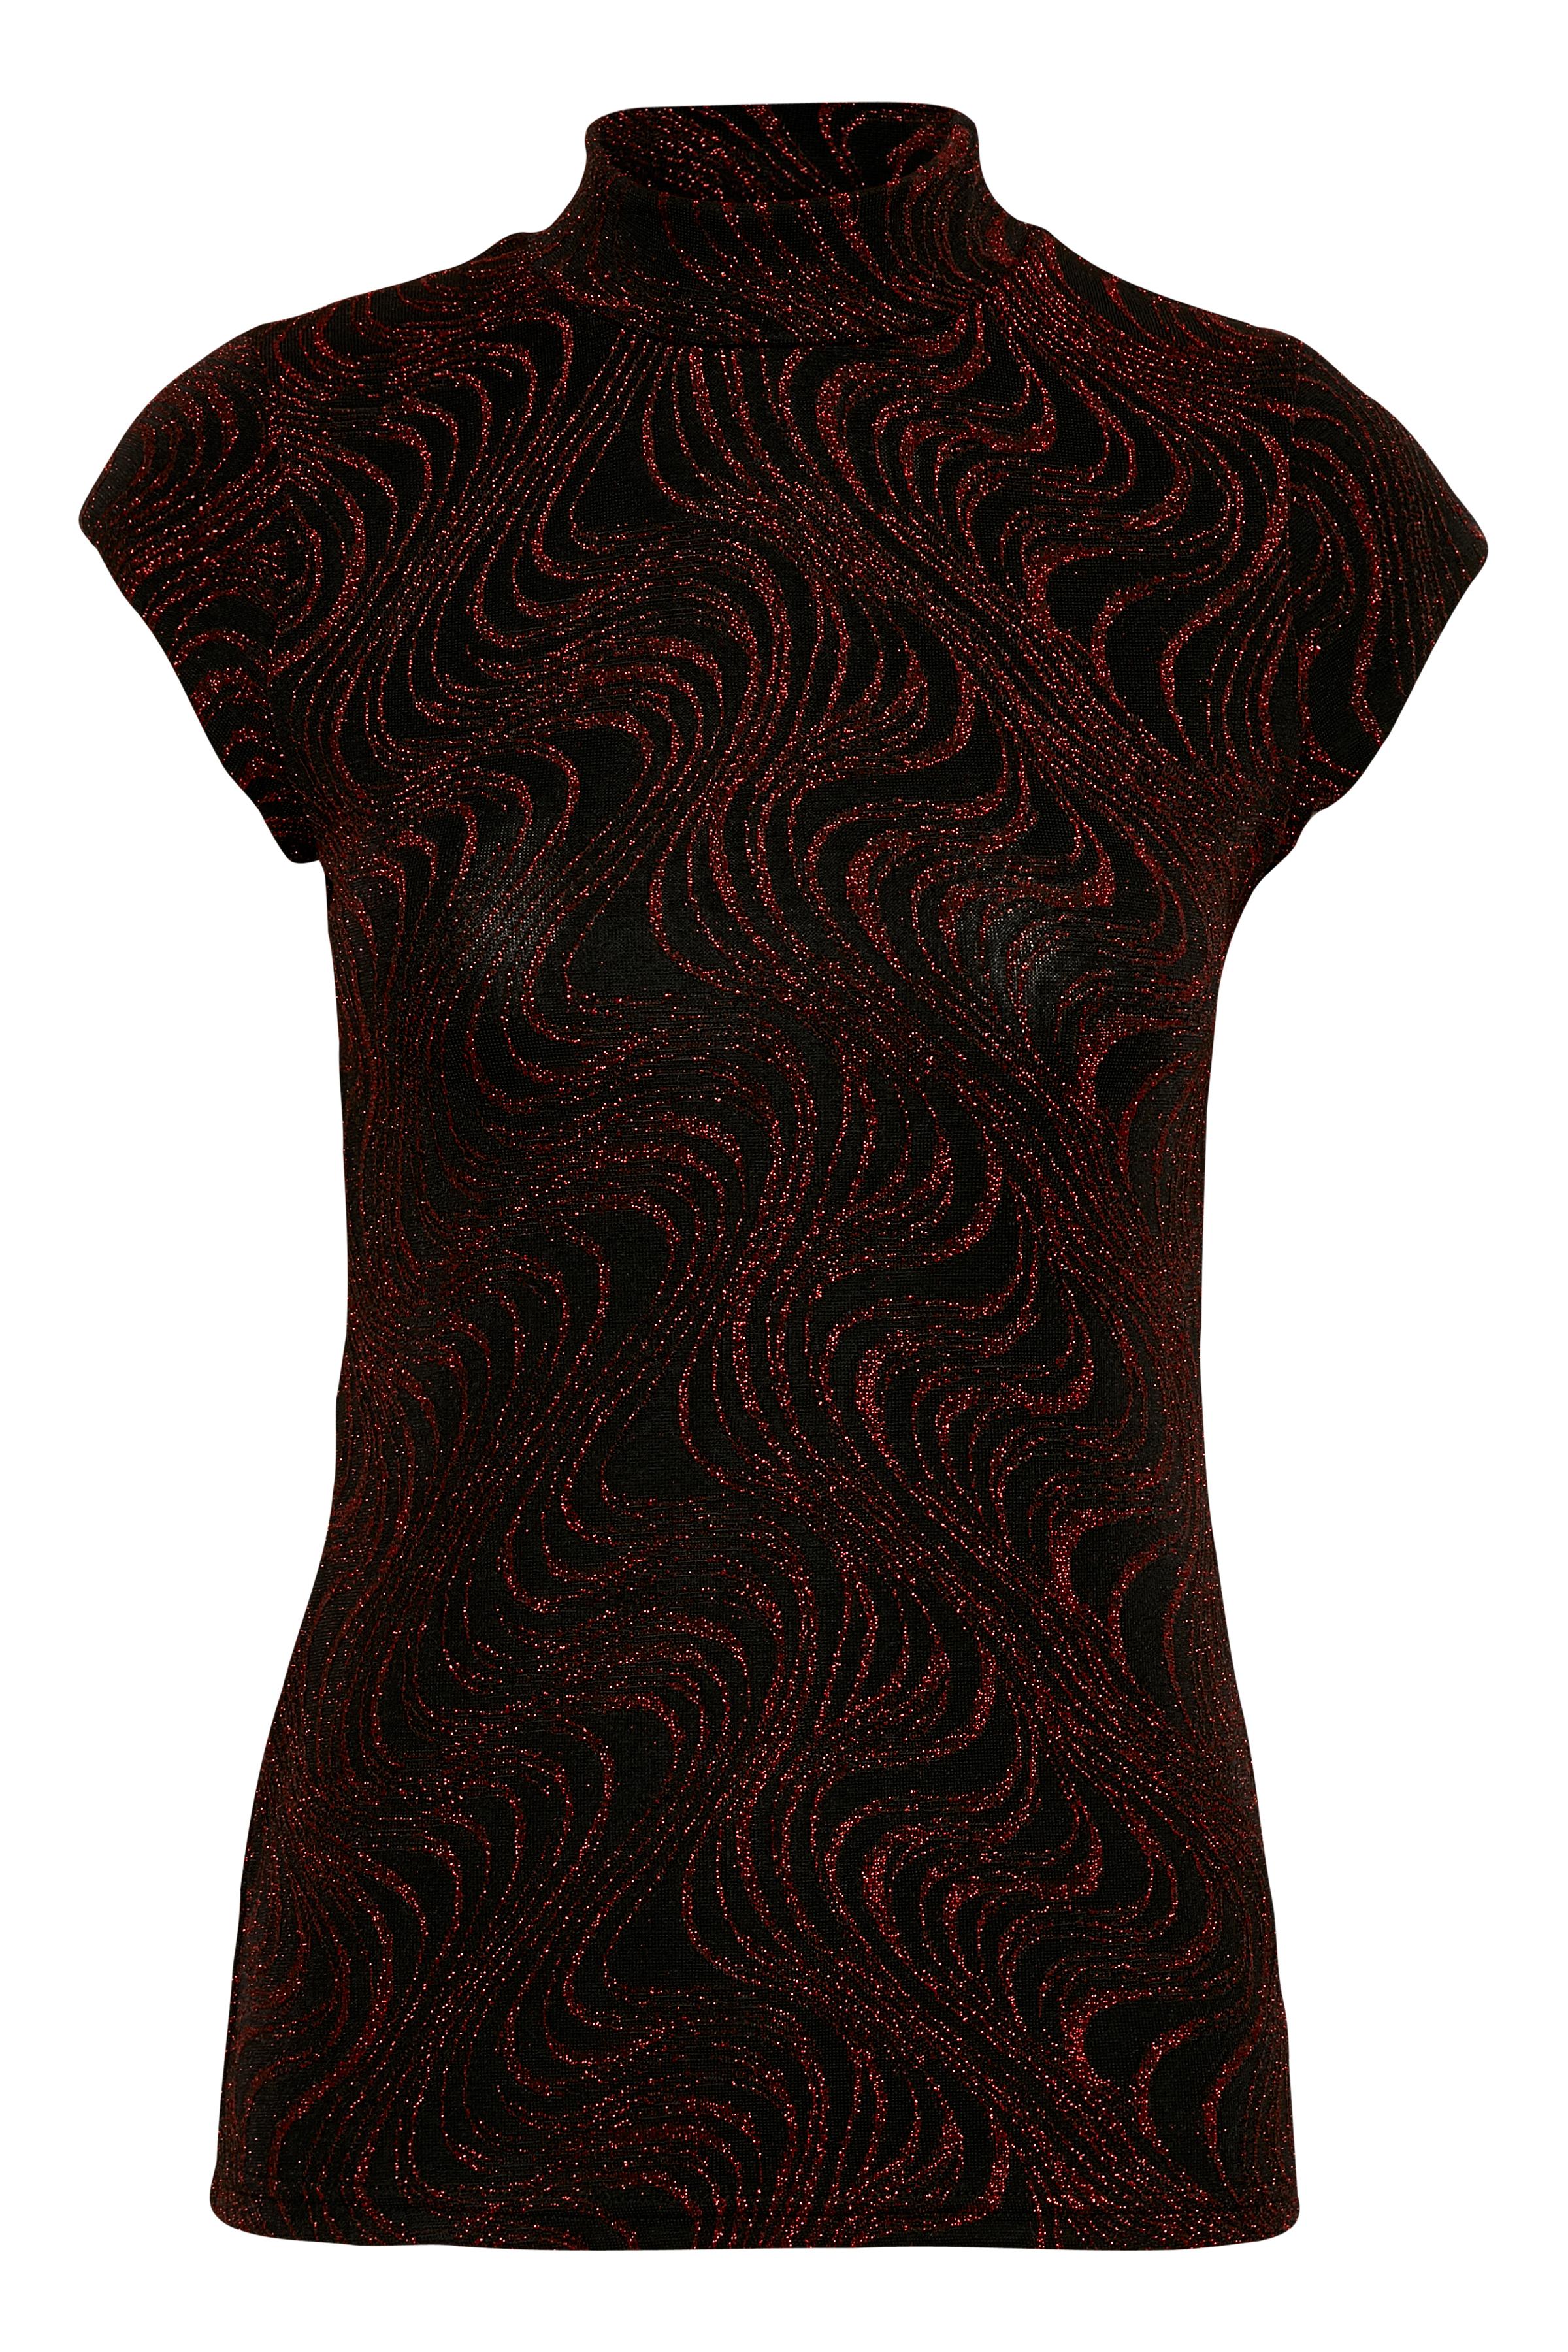 Mørkerød Kortærmet T-shirt fra Kaffe – Køb Mørkerød Kortærmet T-shirt fra str. XS-XXL her